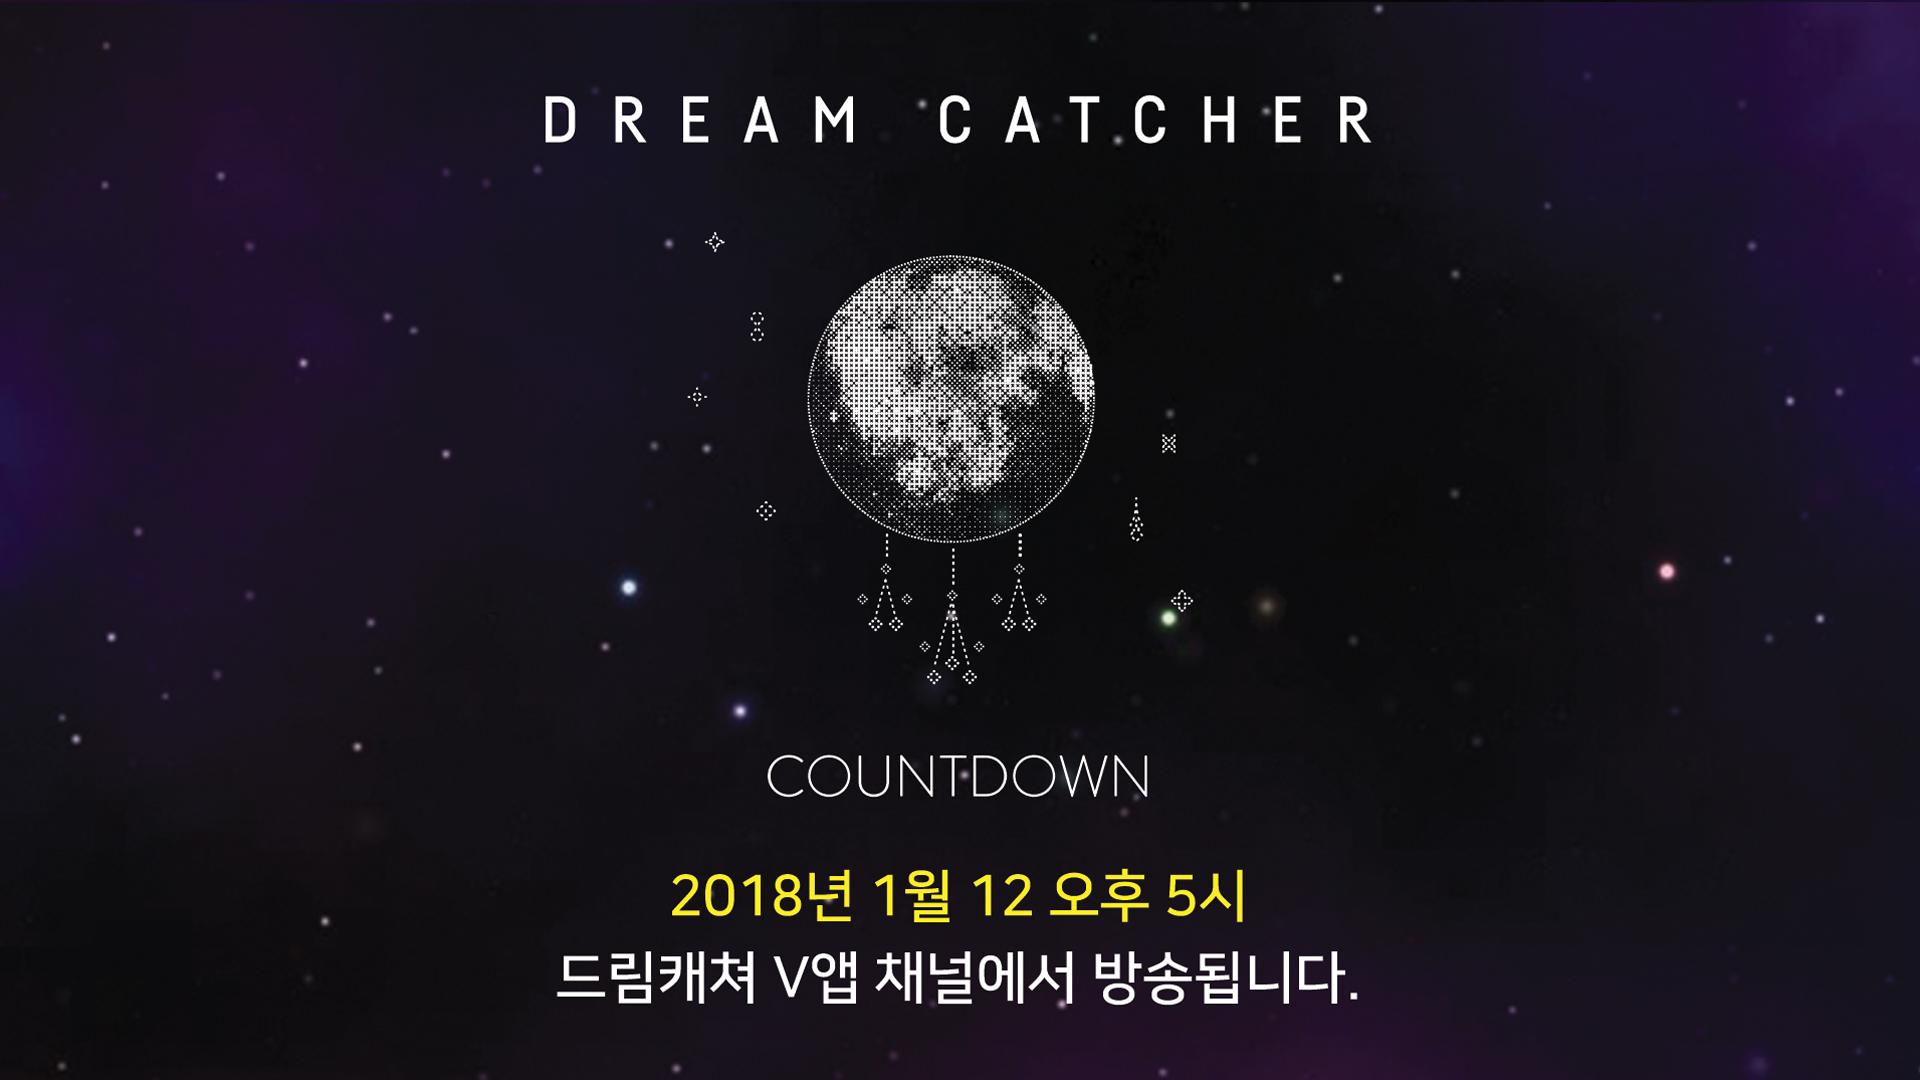 드림캐쳐 팬송 'Full Moon' 공개 카운트다운!